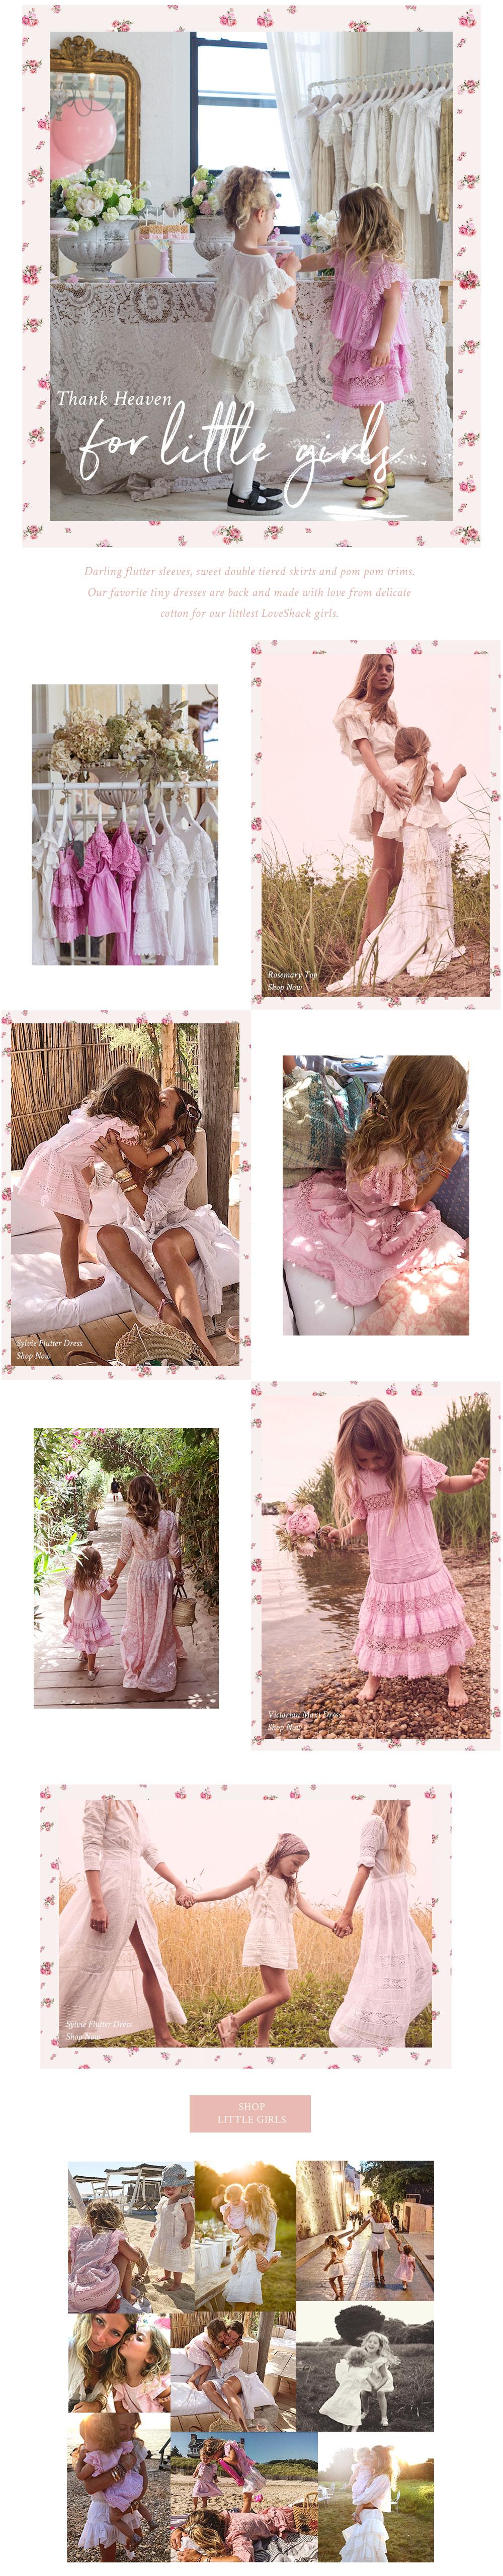 BLOG-Thank-Heaven-For-Little-Girls.jpg